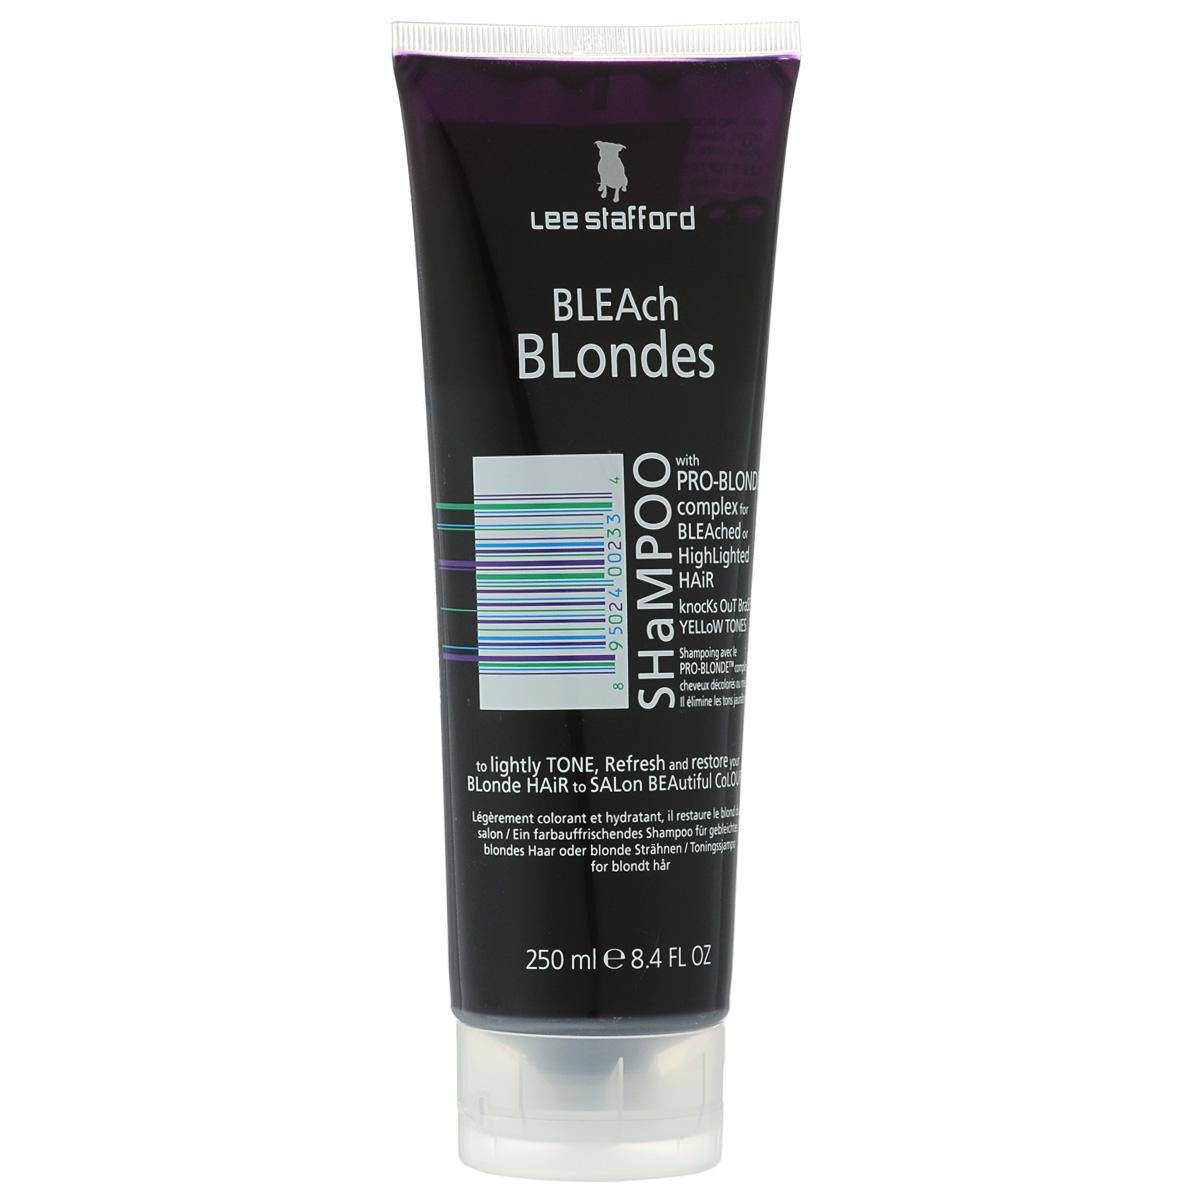 Lee Stafford Шампунь для осветленных волос Bleach Blonde, 250 мл lee stafford кондиционер для осветленных волос bleach blonde 250 мл